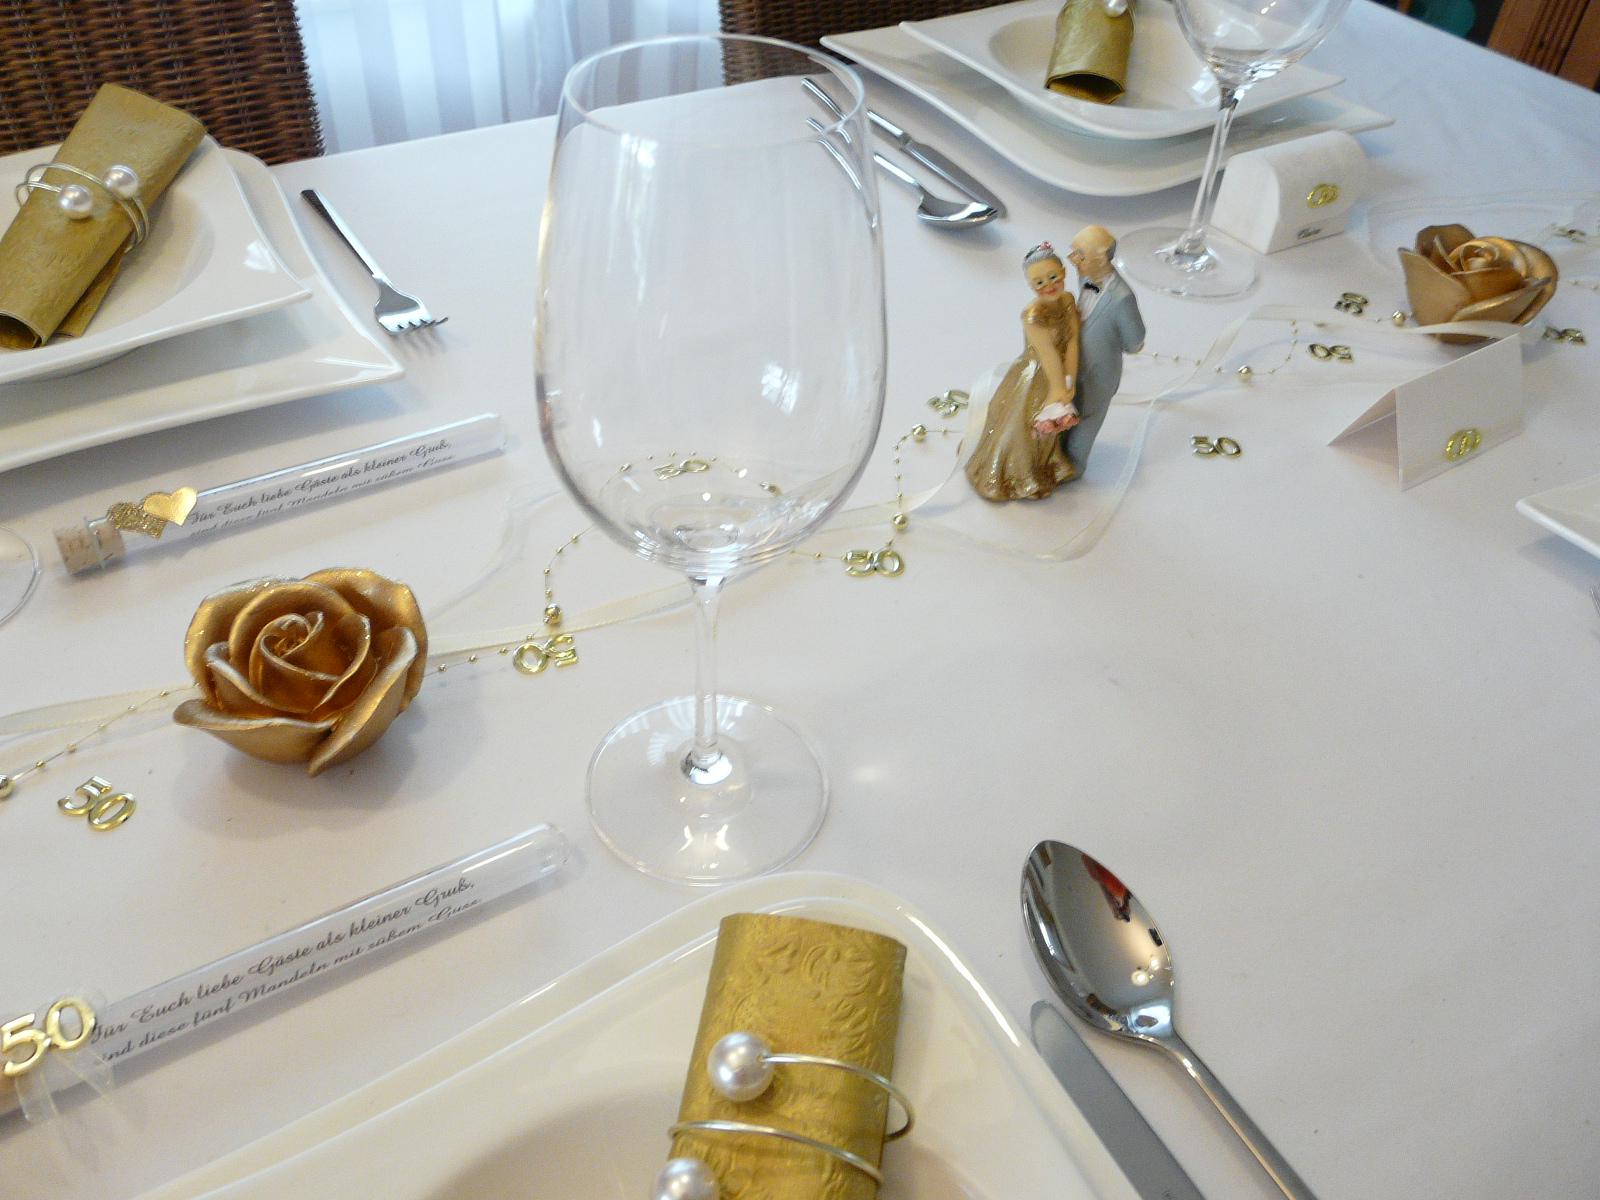 Mustertische zur Goldenen Hochzeit - Tischkarten, Gastgeschenle und ...